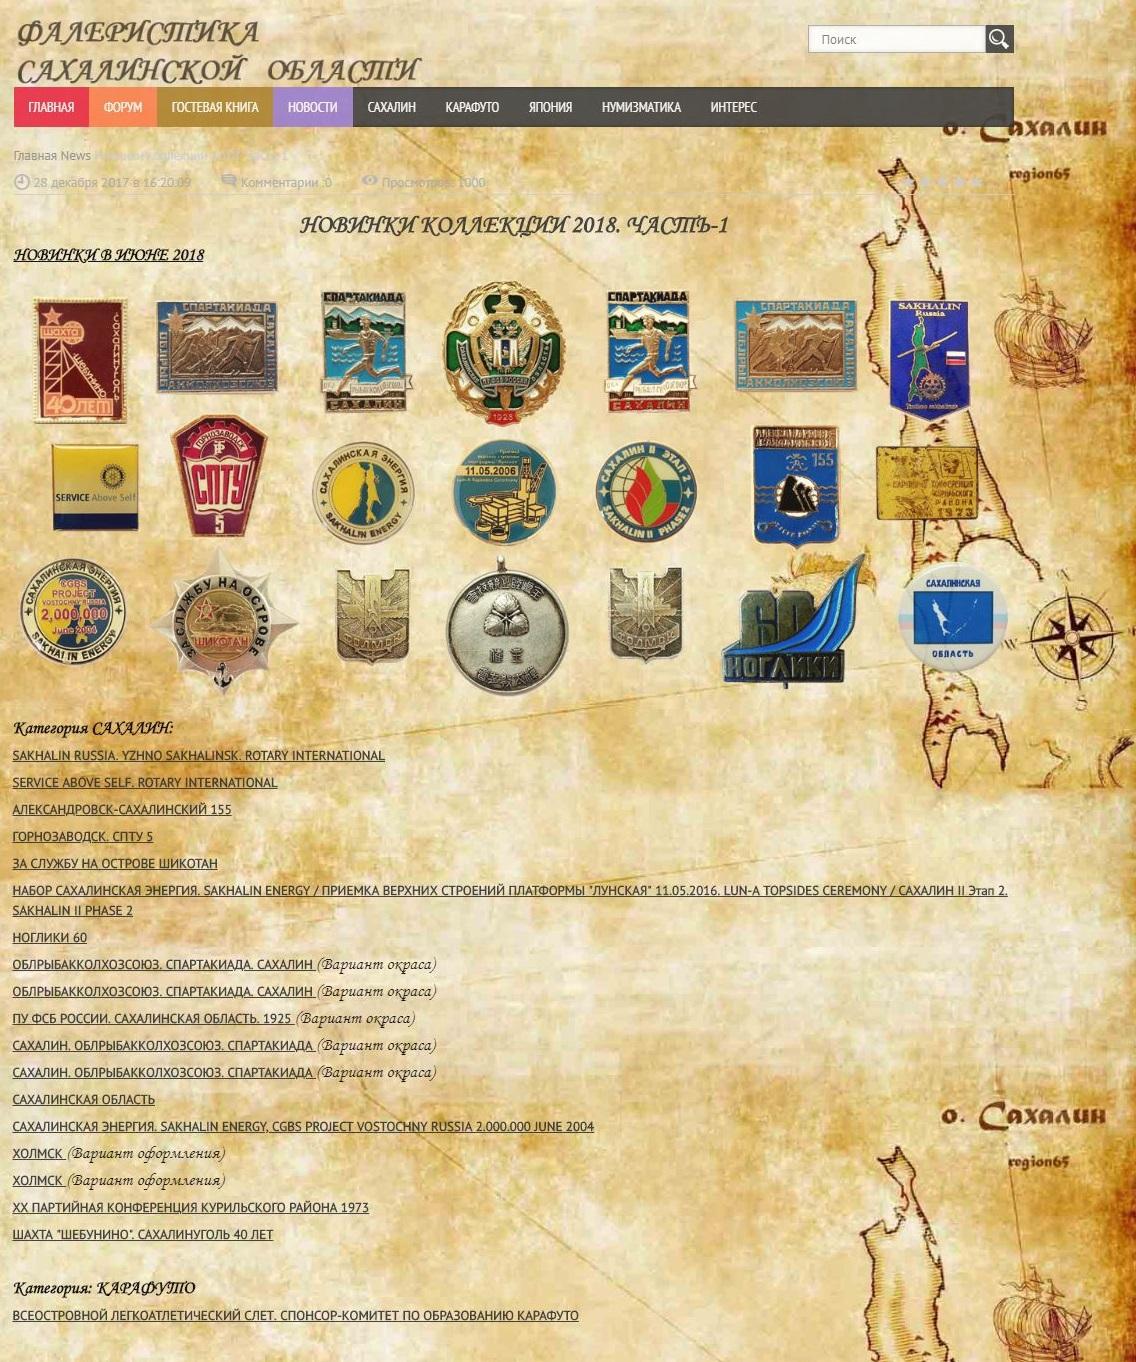 http://sh.uploads.ru/RrFtx.jpg